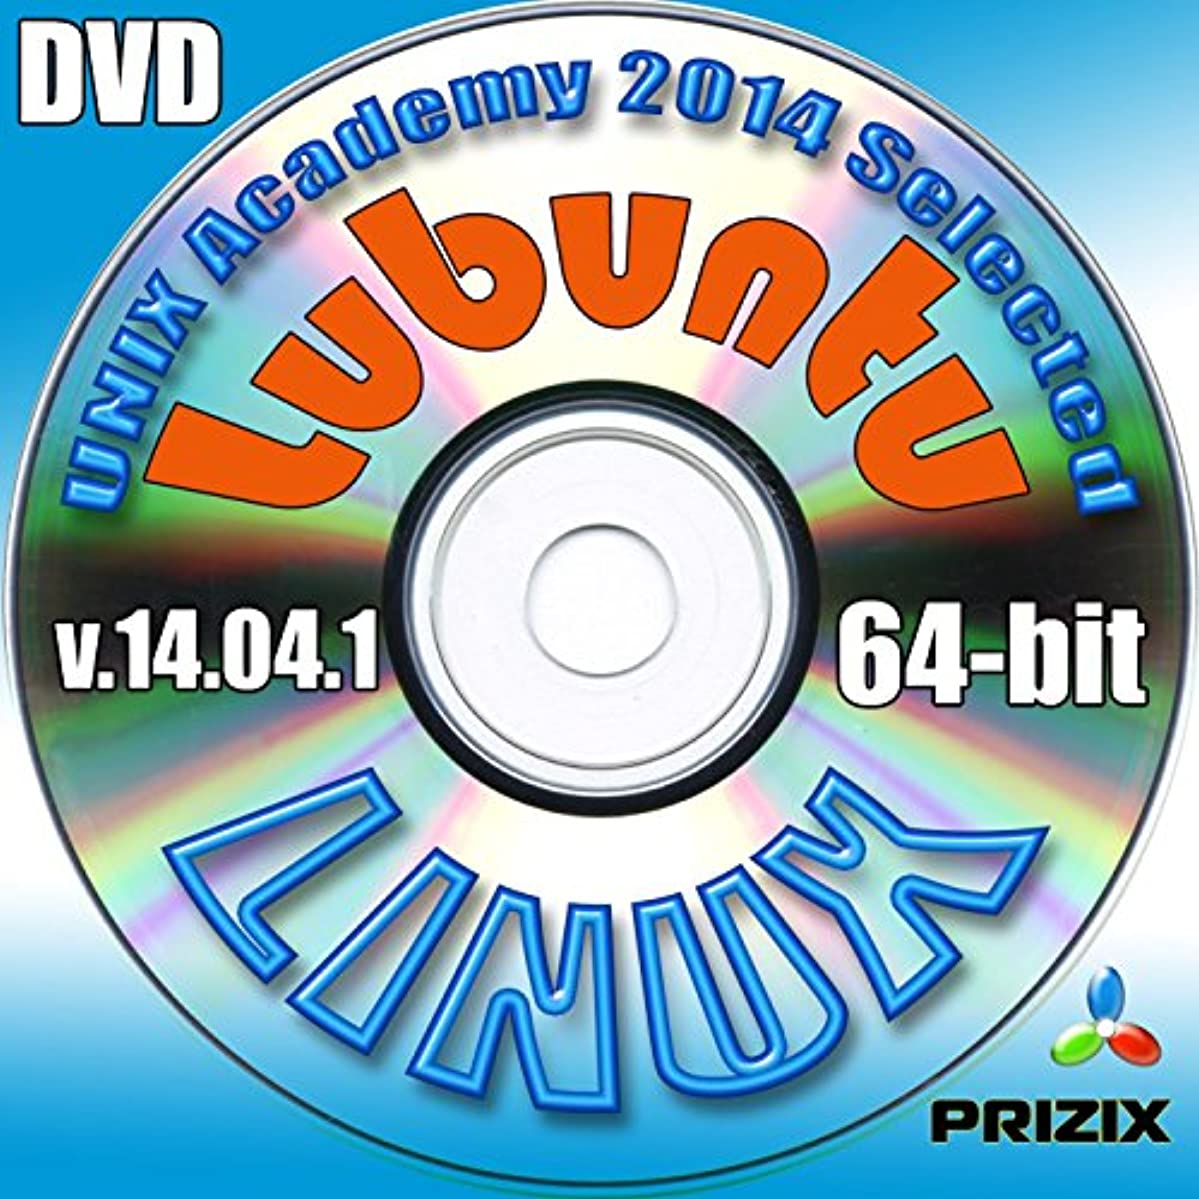 神秘虐待老人Lubuntuの14.04.1のLinuxのDVDの64ビットフルインストールには、無料のUNIXアカデミー評価試験、